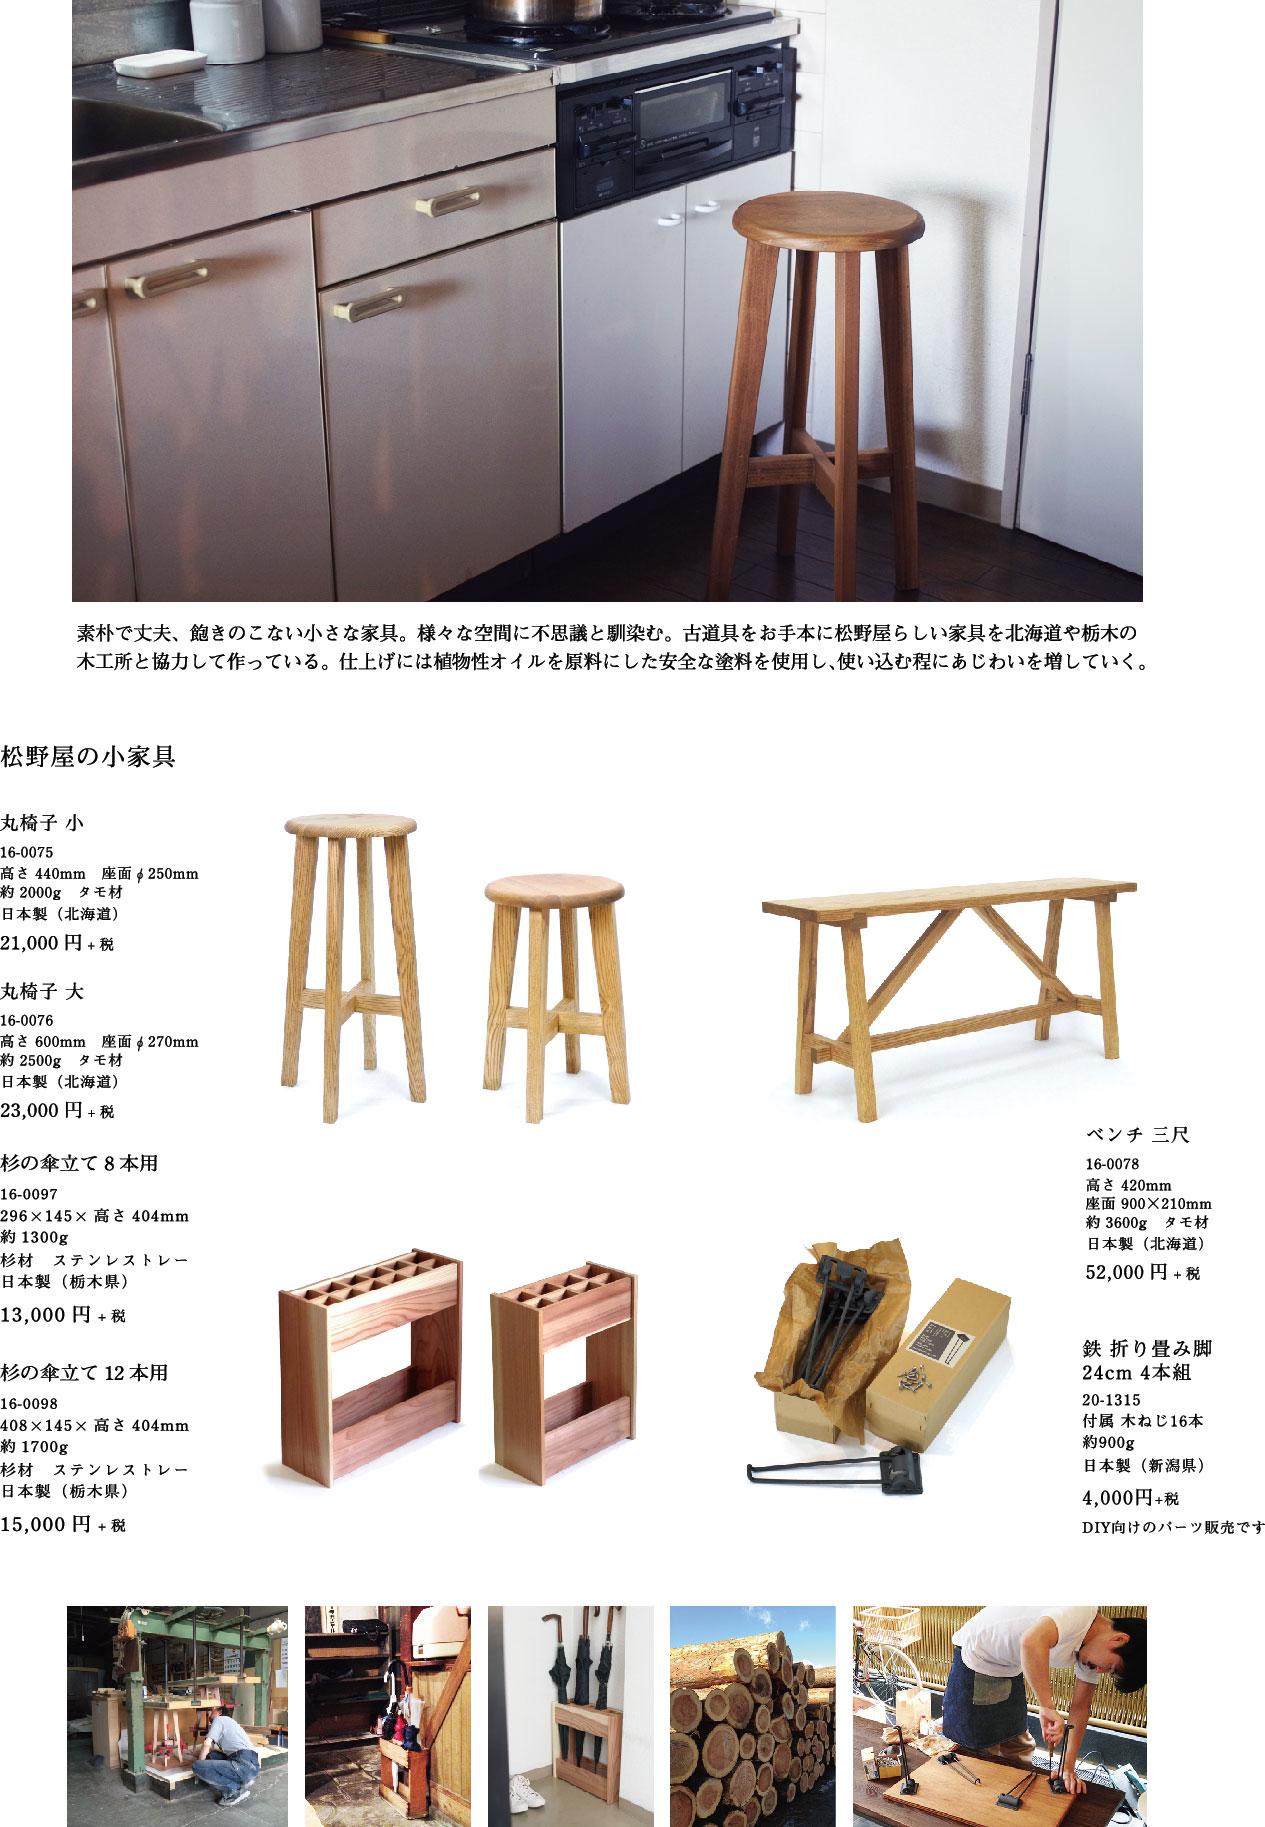 松野屋の小家具